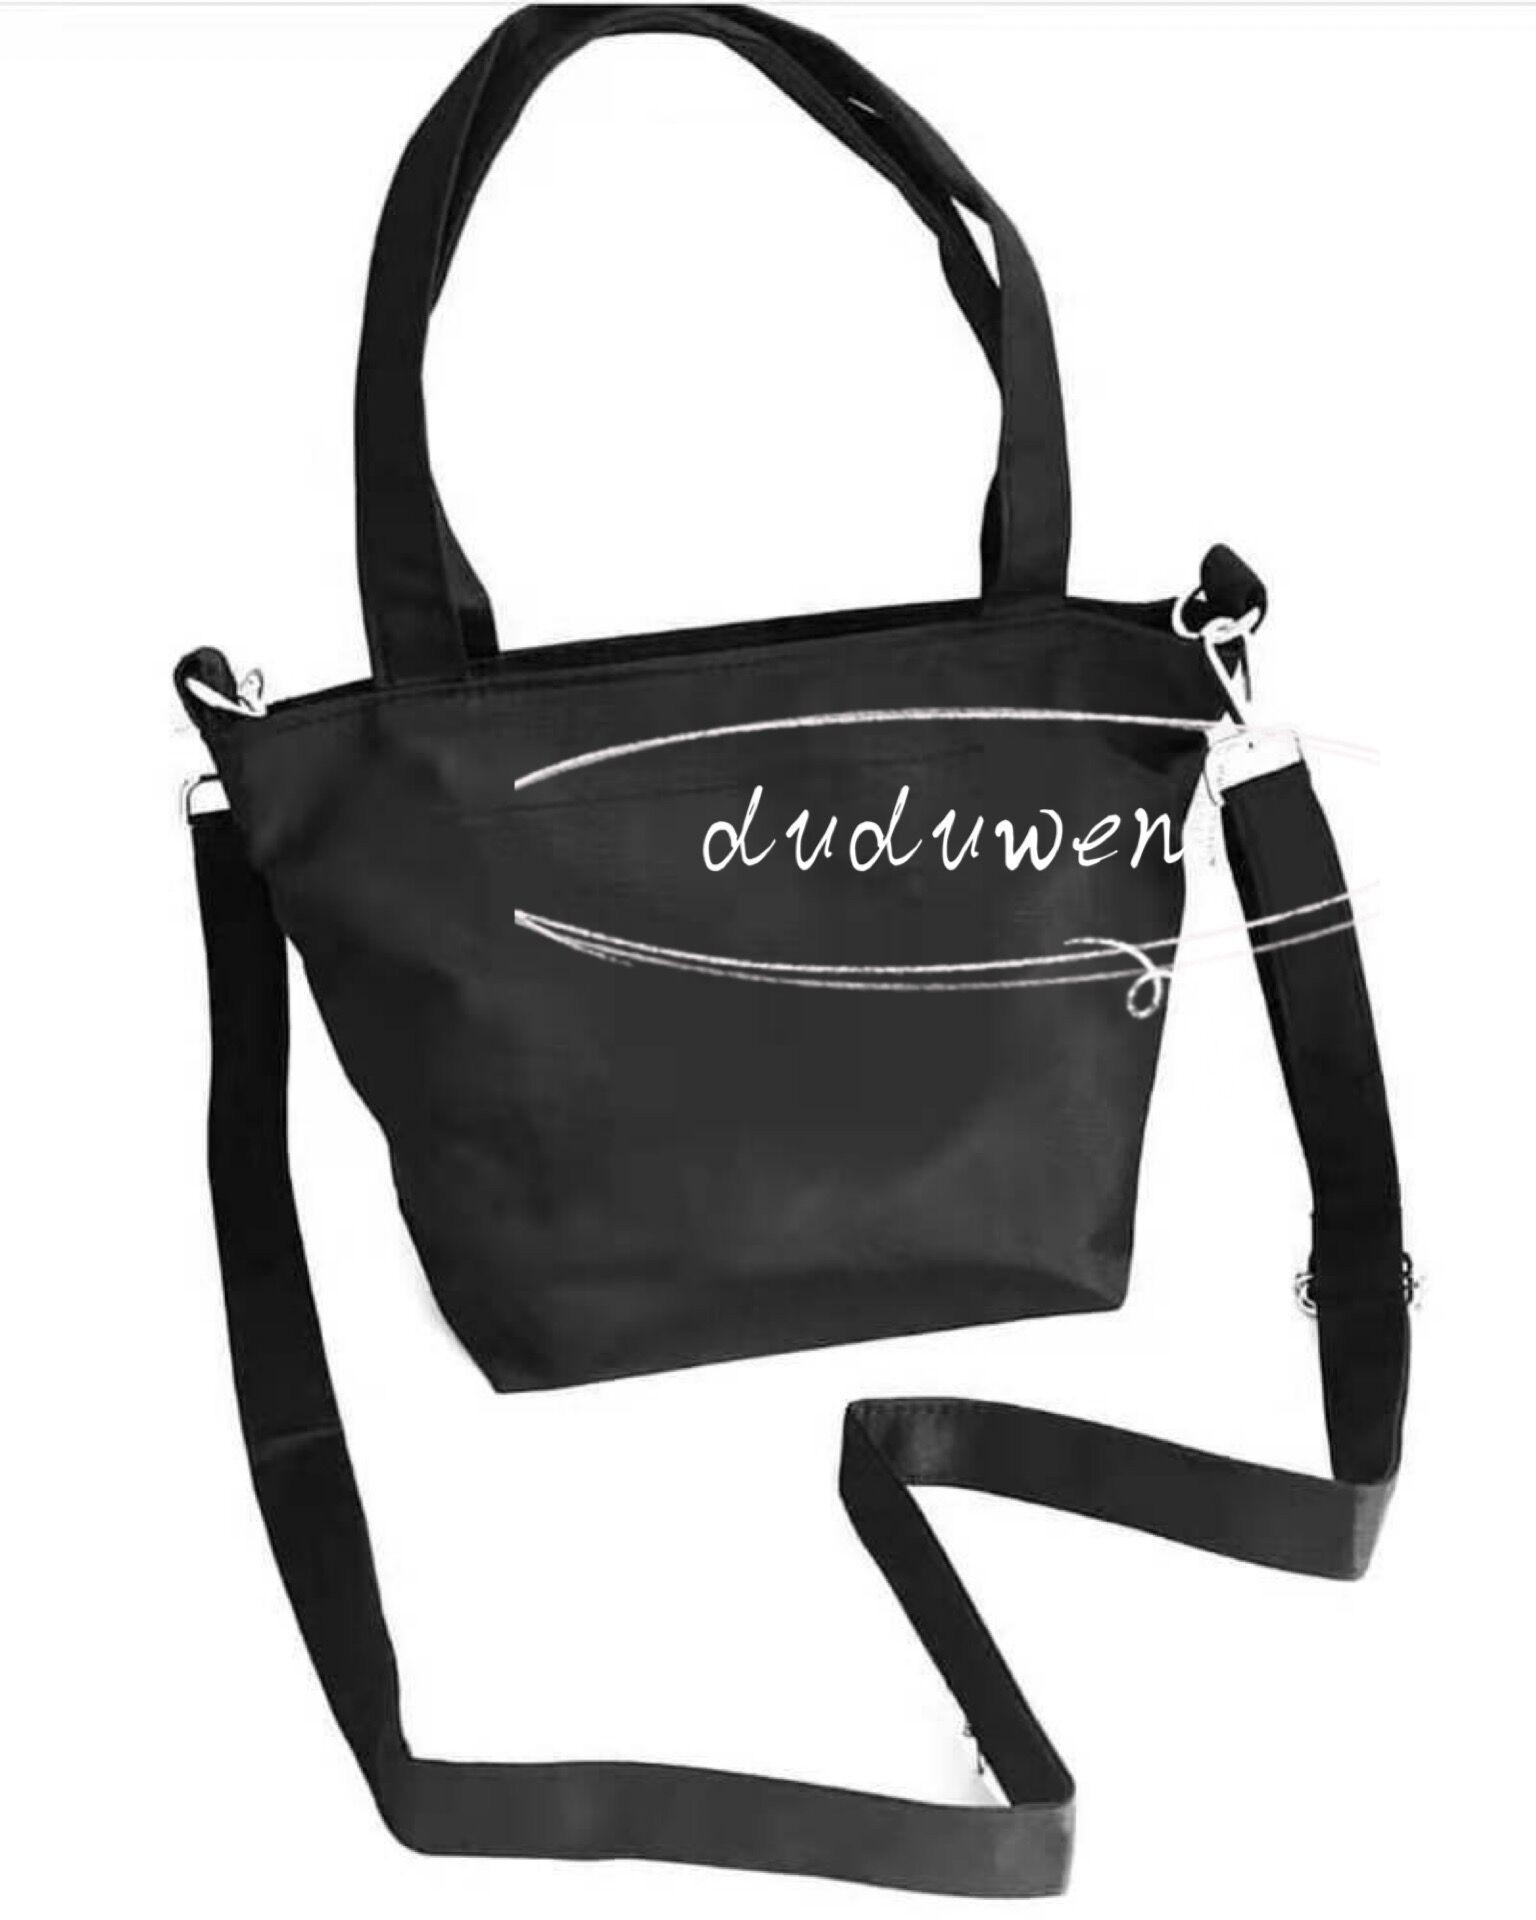 31x25x16cm c الترتر الأزياء النايلون حقيبة مع حزام حمل الكلاسيكية ماكياج comsetics تخزين حالة الكلاسيكية السفر أو حقيبة المدرسة